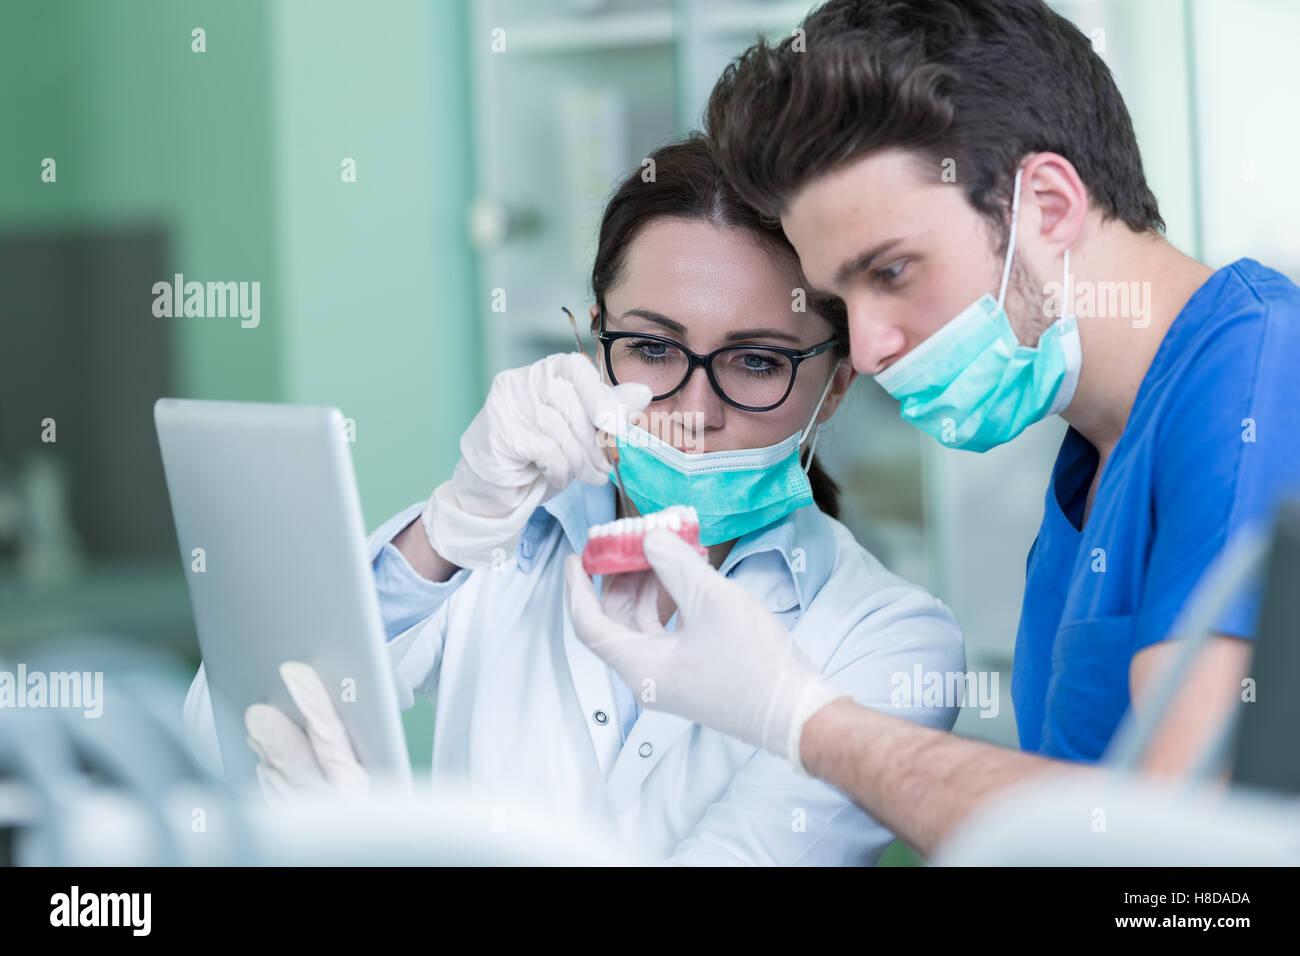 Gli studenti con la protesi dentale, dentiere, protesi di lavoro. Immagini Stock